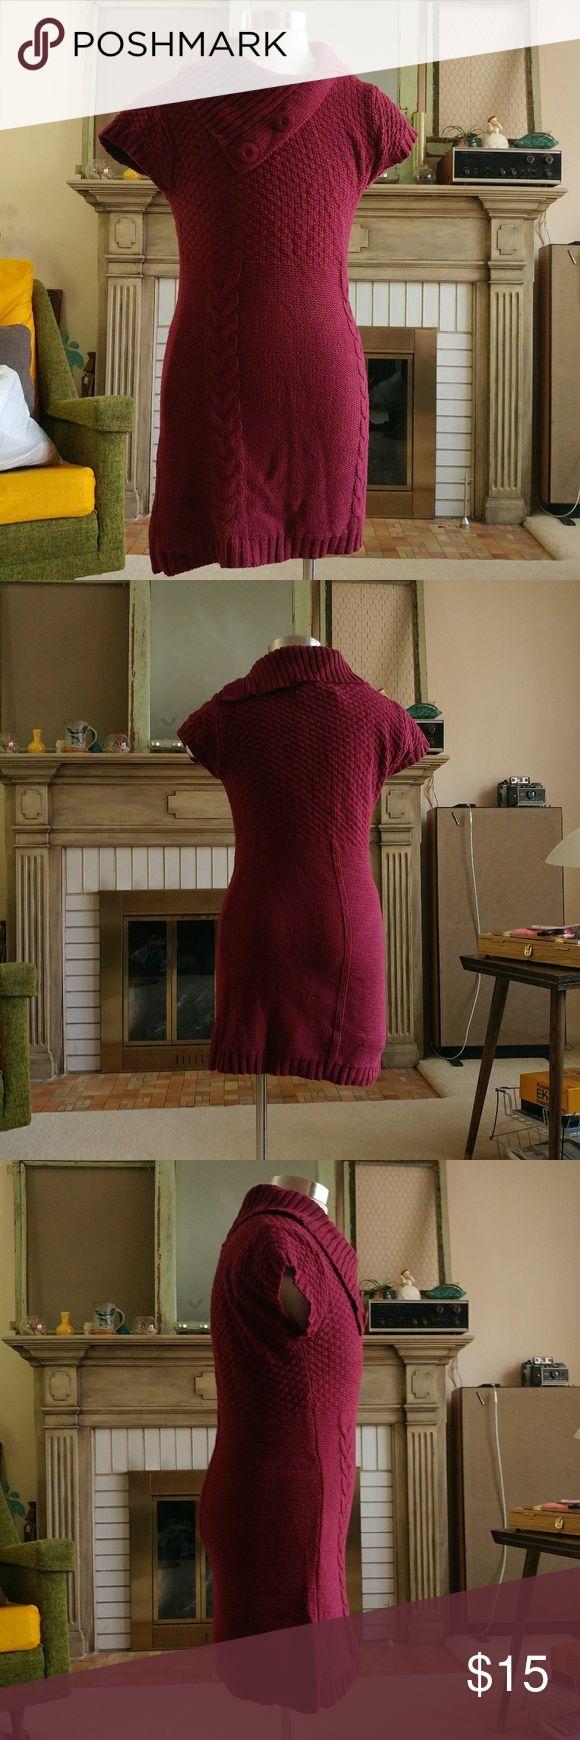 """[Idaisy] maroon sweater tunic/dress/shirt knit Warm knit maroon sweater tunic, babydoll sleeves  Underarm to bottom hem is 20"""" Made dtom 60% cotton 40% acrylic idaisy Tops Tunics"""